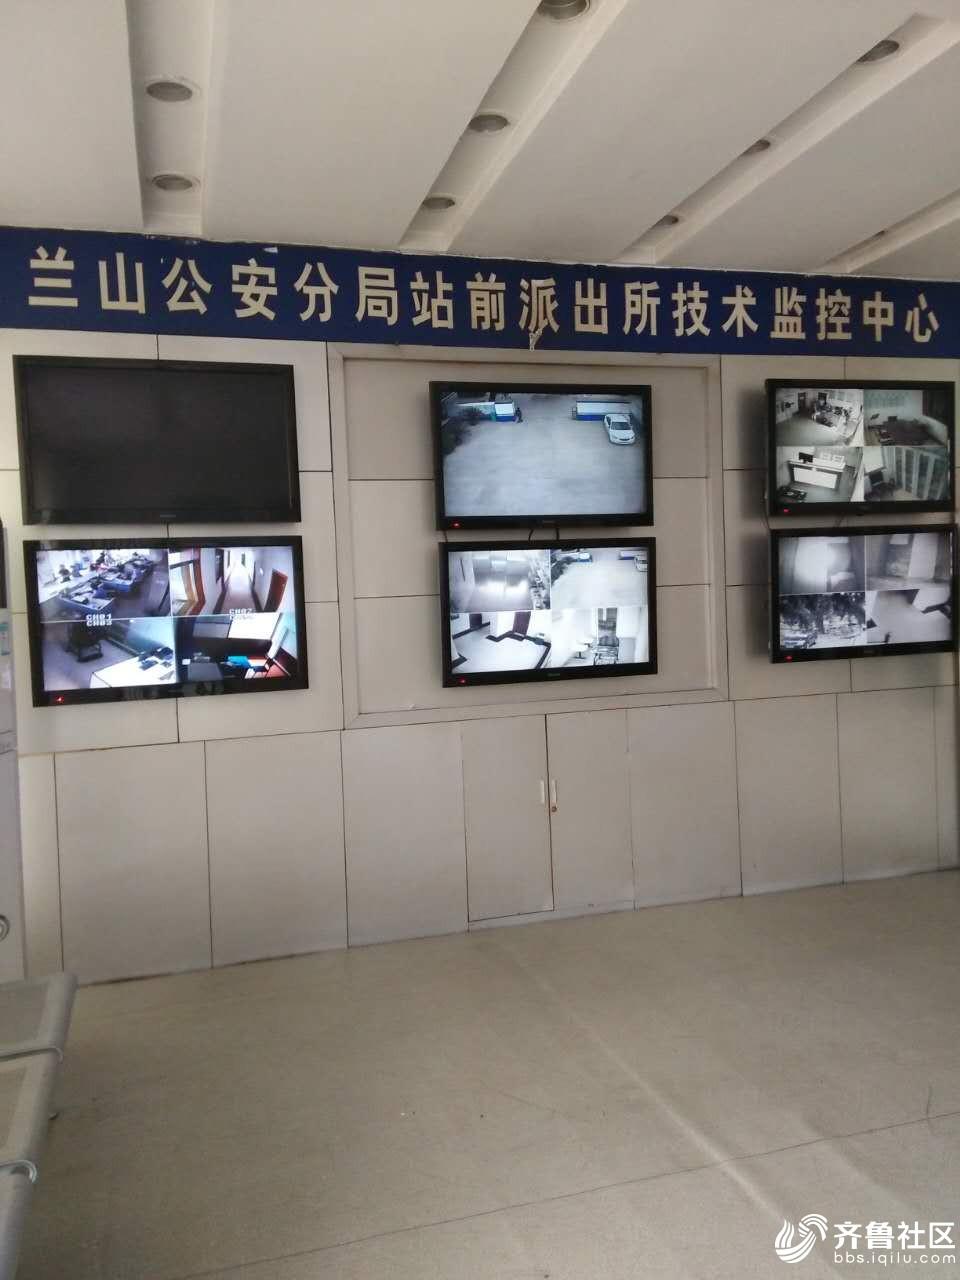 山东省临沂市站前派出所讯问室